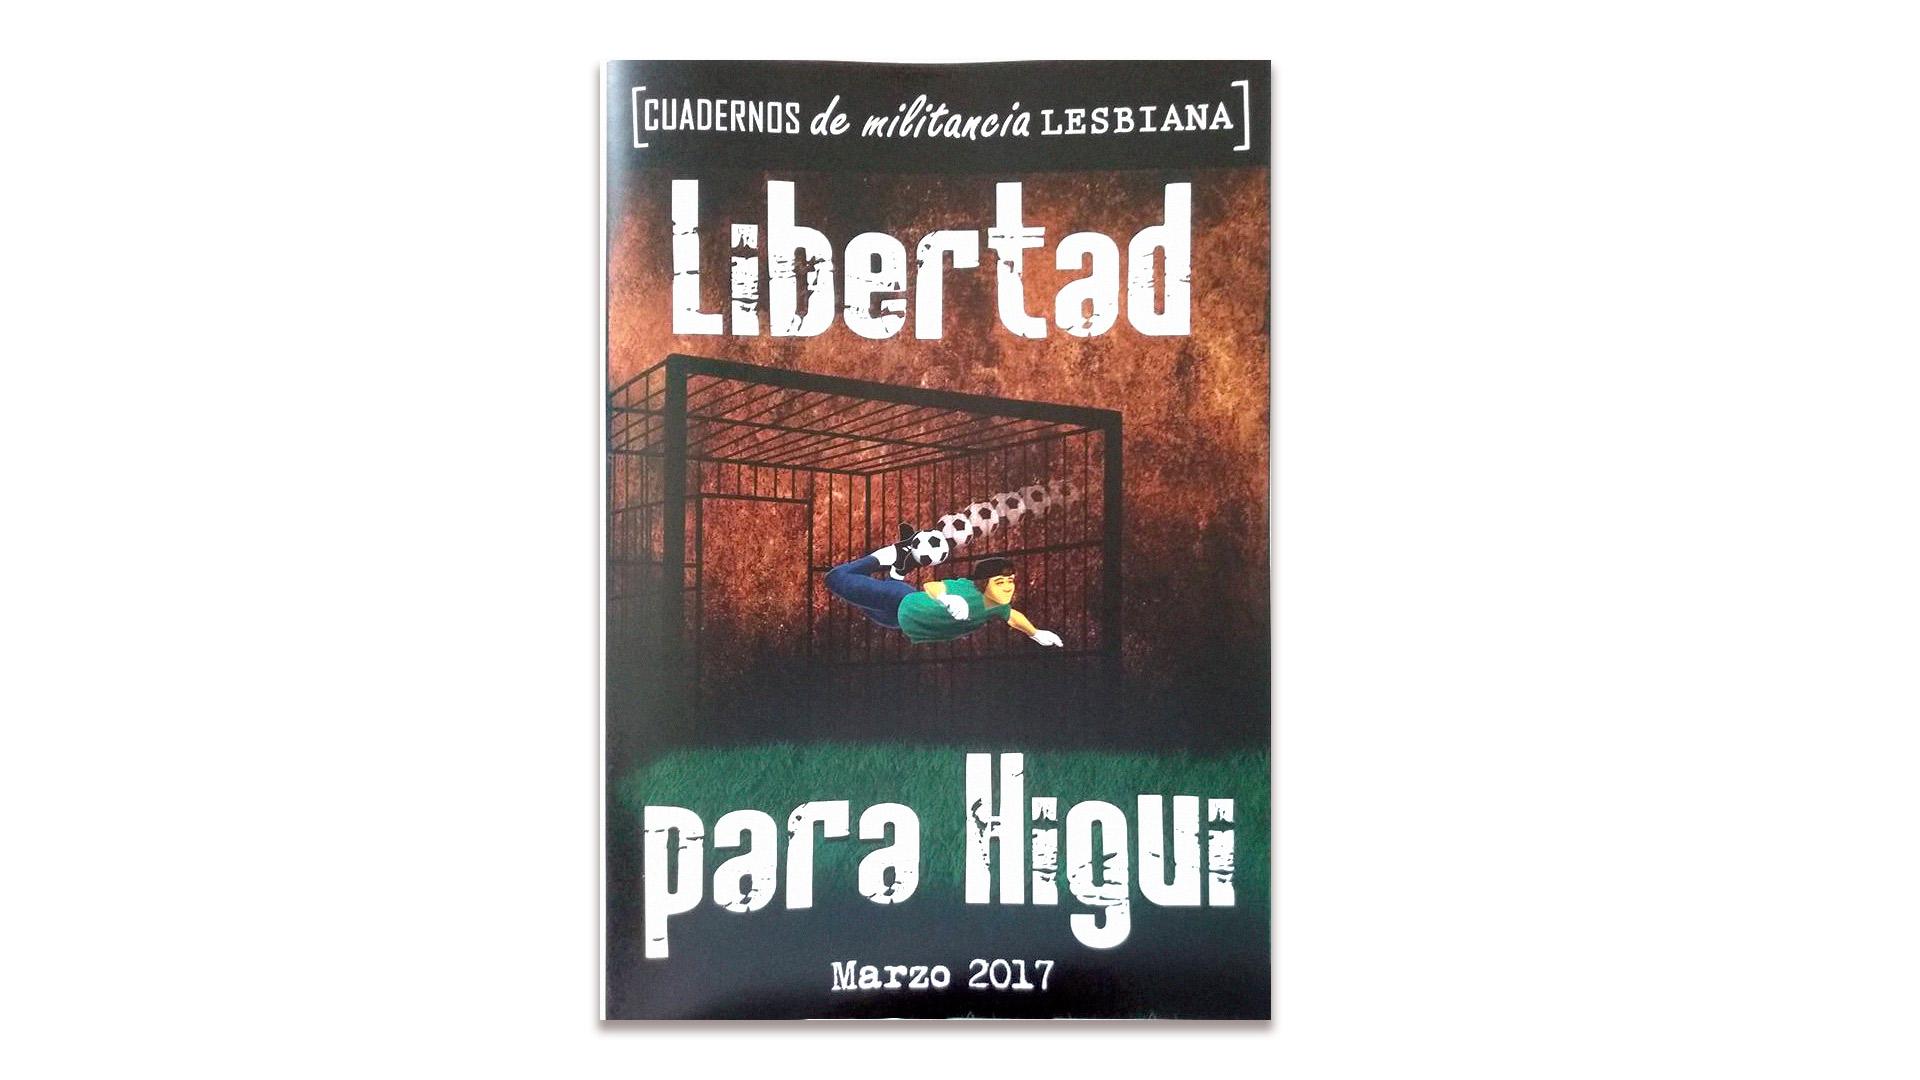 Cuadernos-de-existencia-lesbiana_03